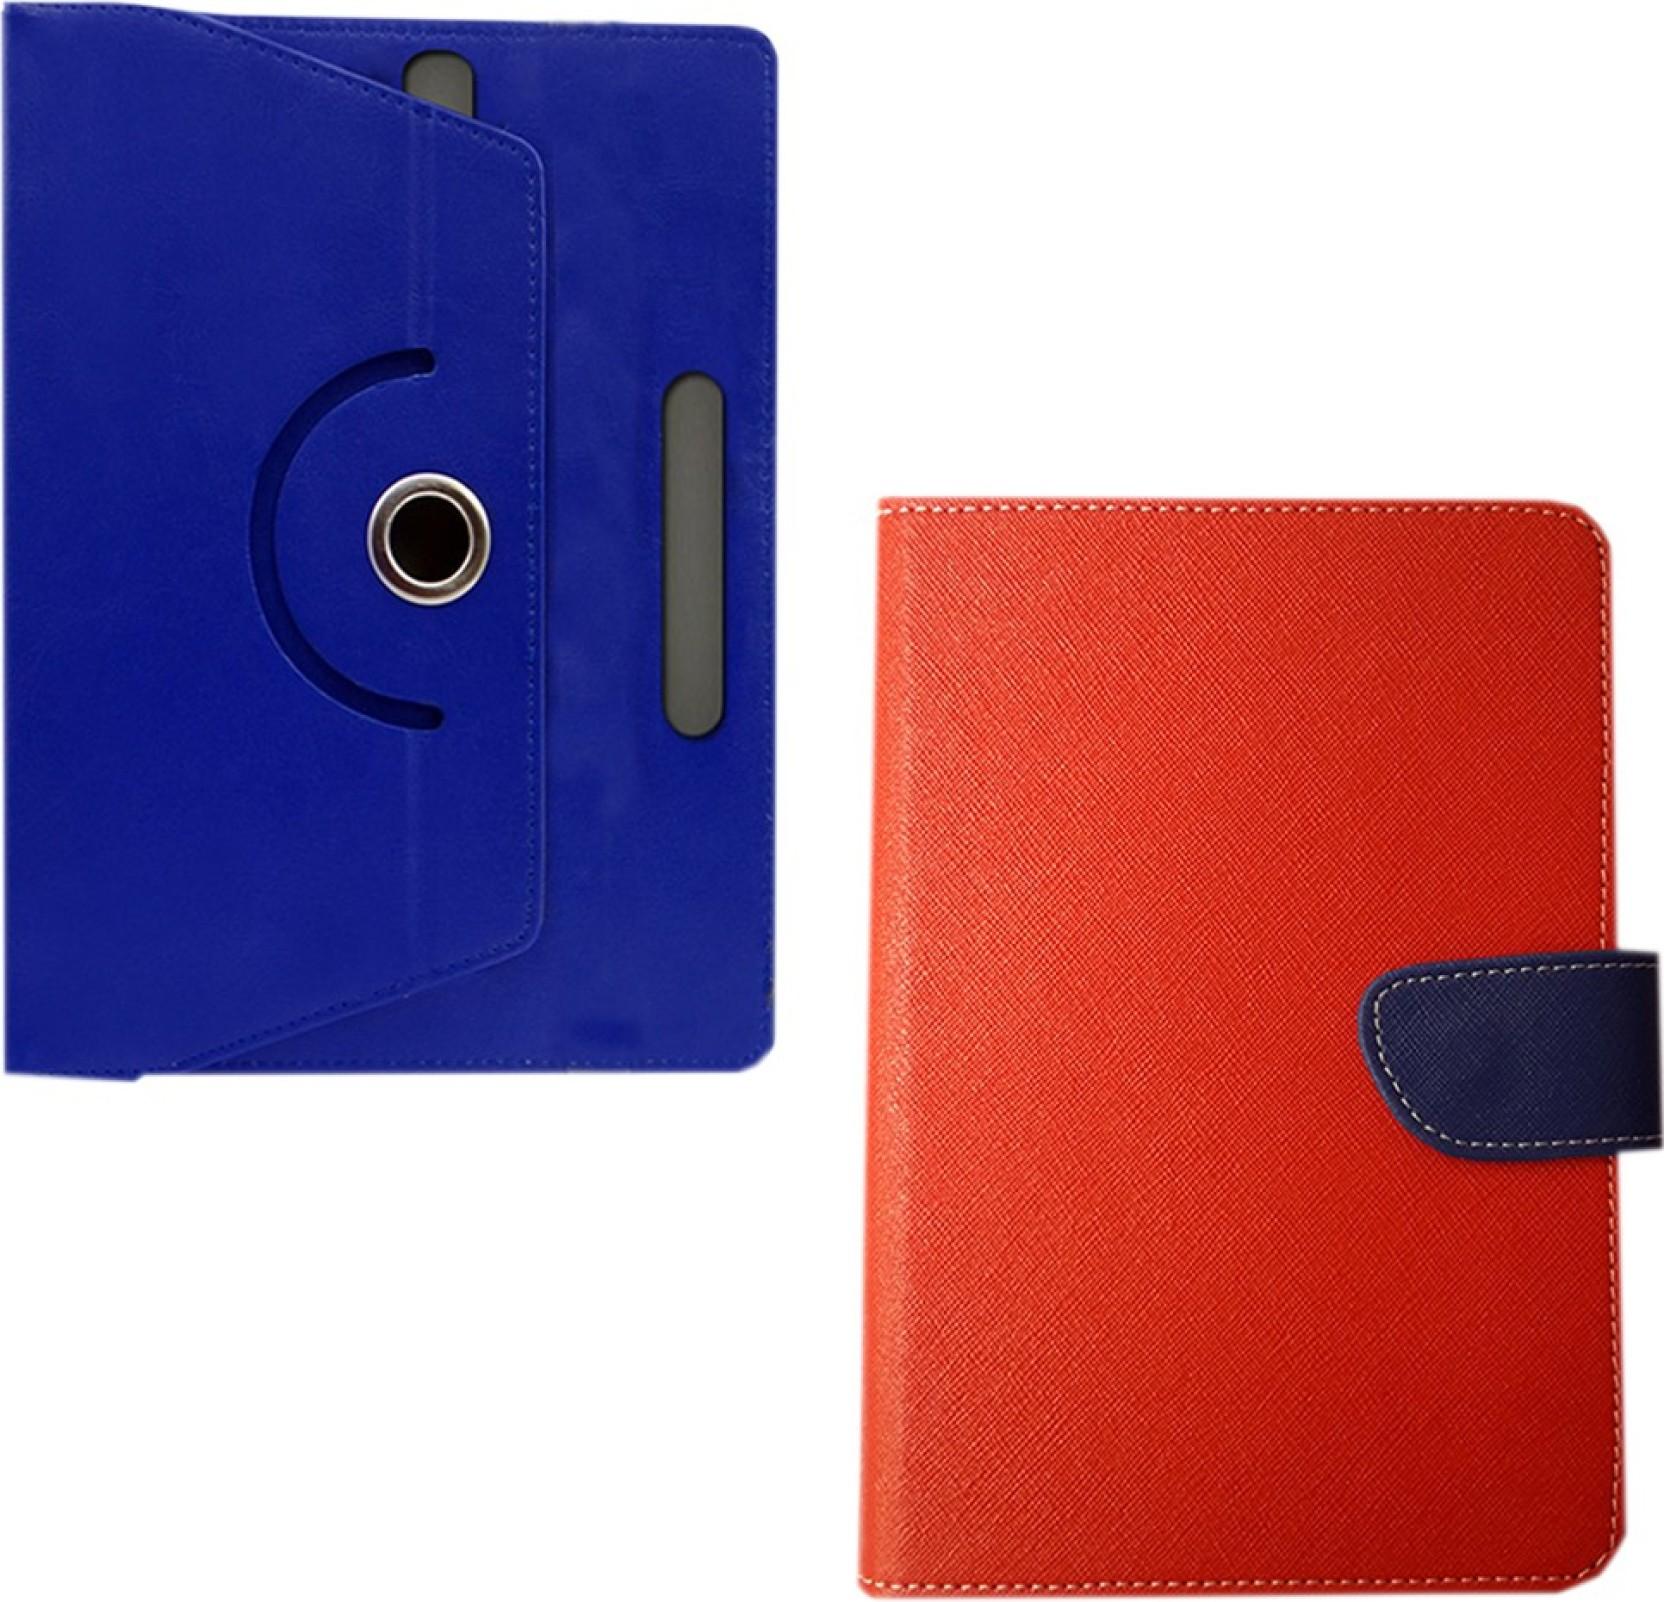 Buyezyy Flip Cover For Lenovo S5000 Tablet Wifi 3g 16gb Bz 2408 Share